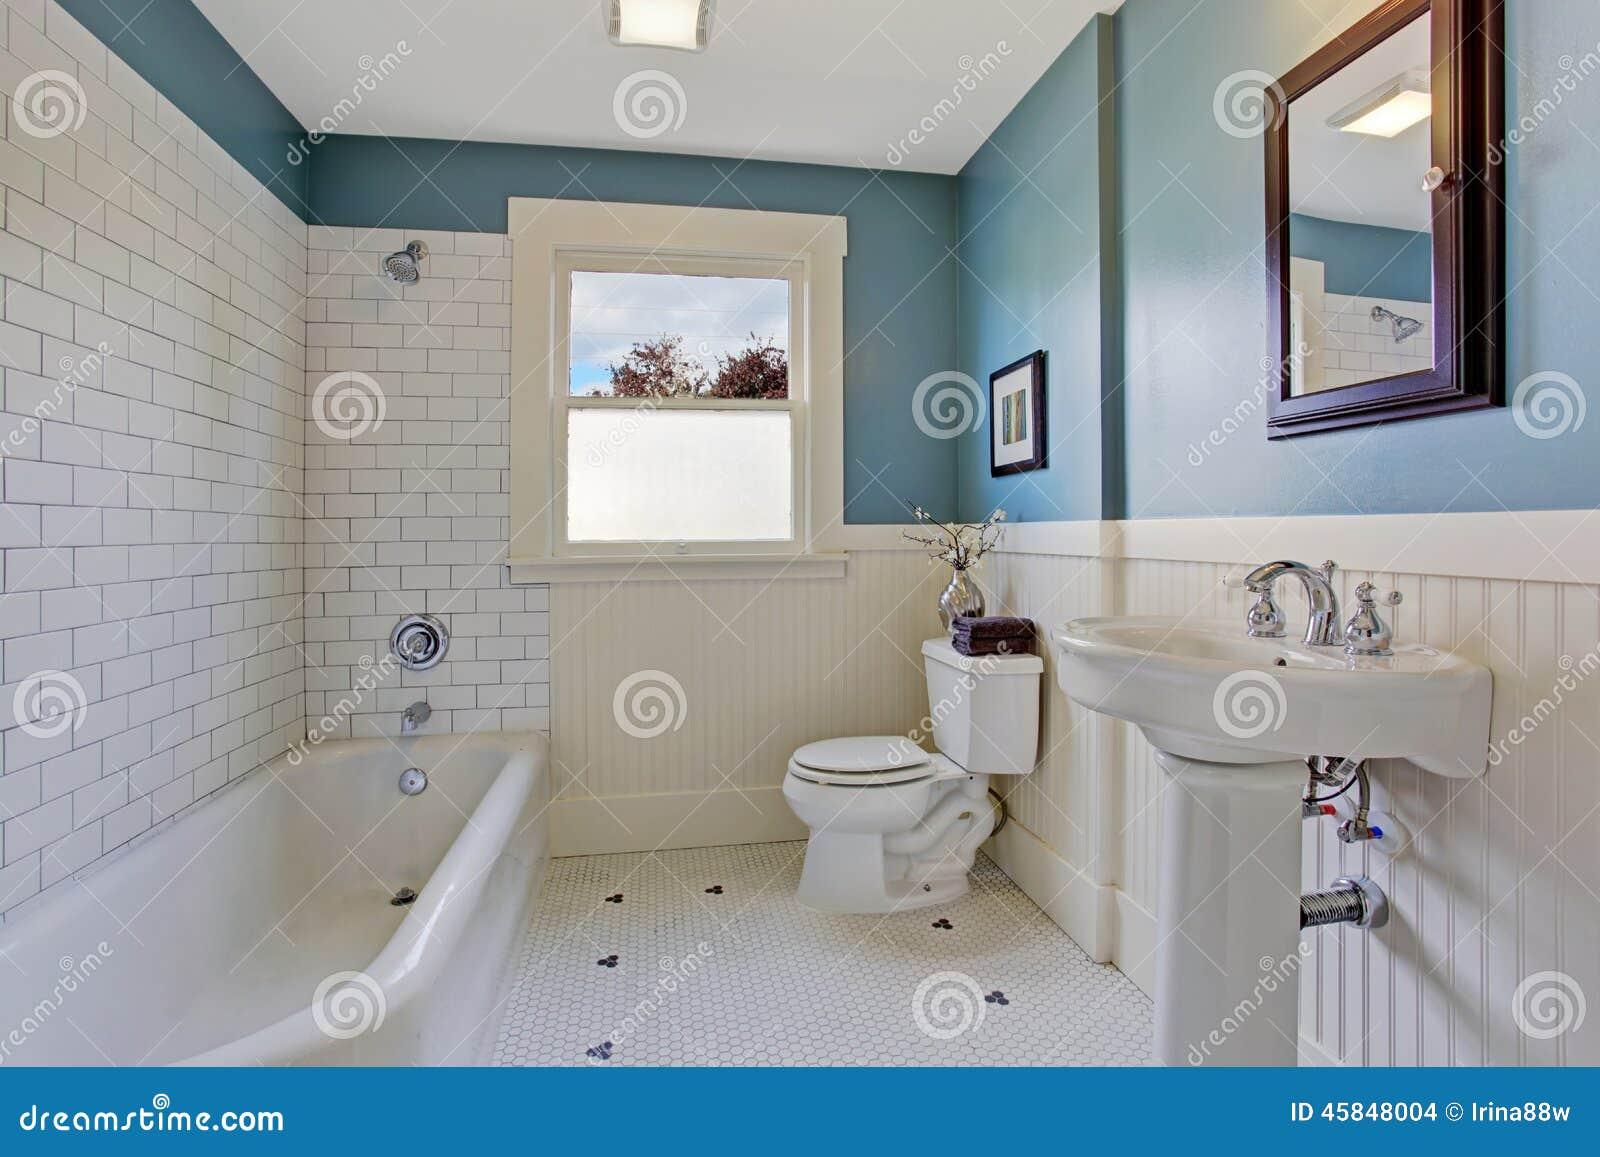 Interior blanco y azul del cuarto de ba o foto de archivo imagen de espejo blanco 45848004 - Banos en azul y blanco ...